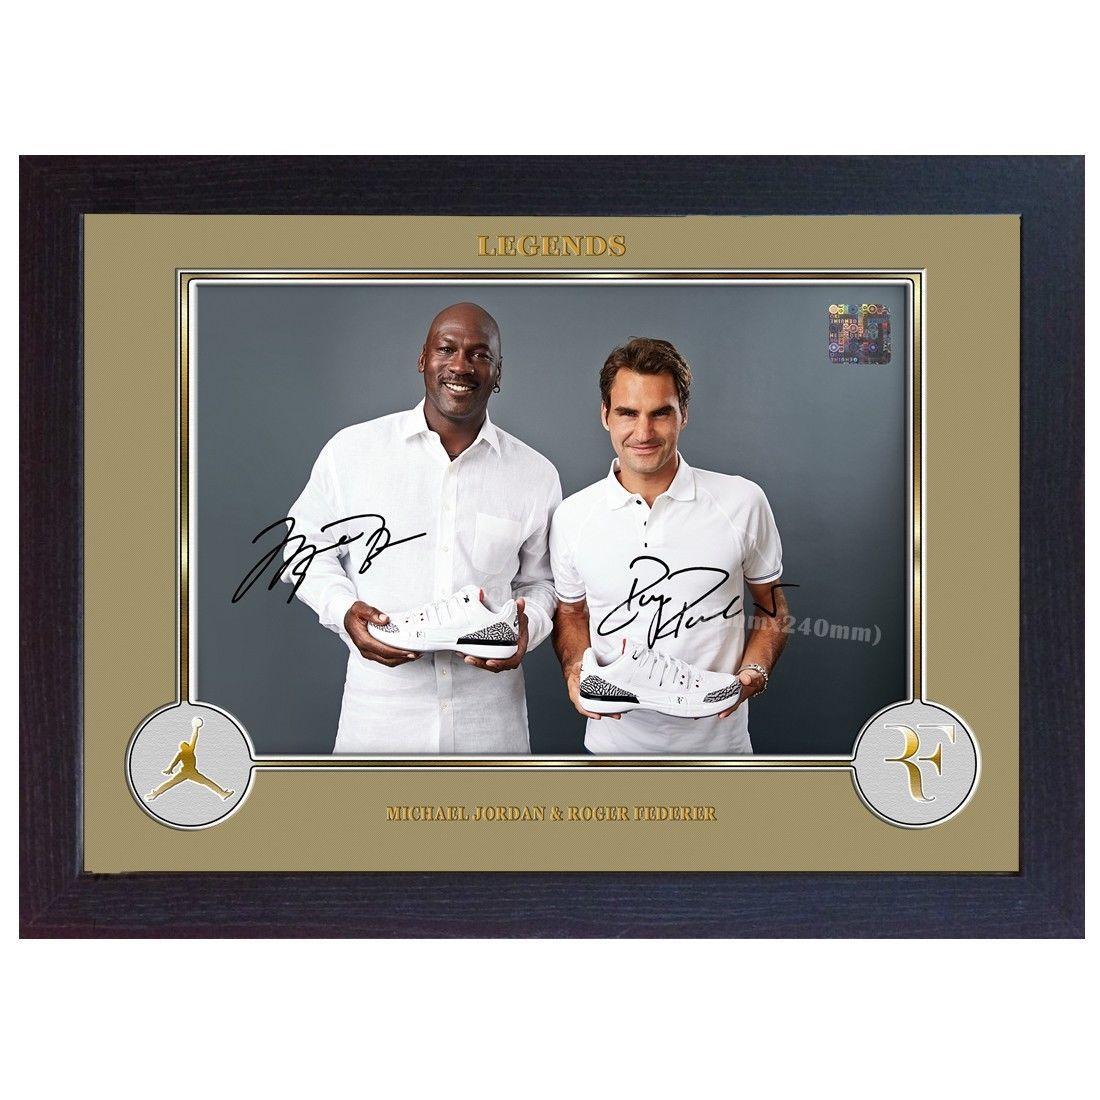 Michael Jordan Roger Federer signed autograph photo print FRAMED